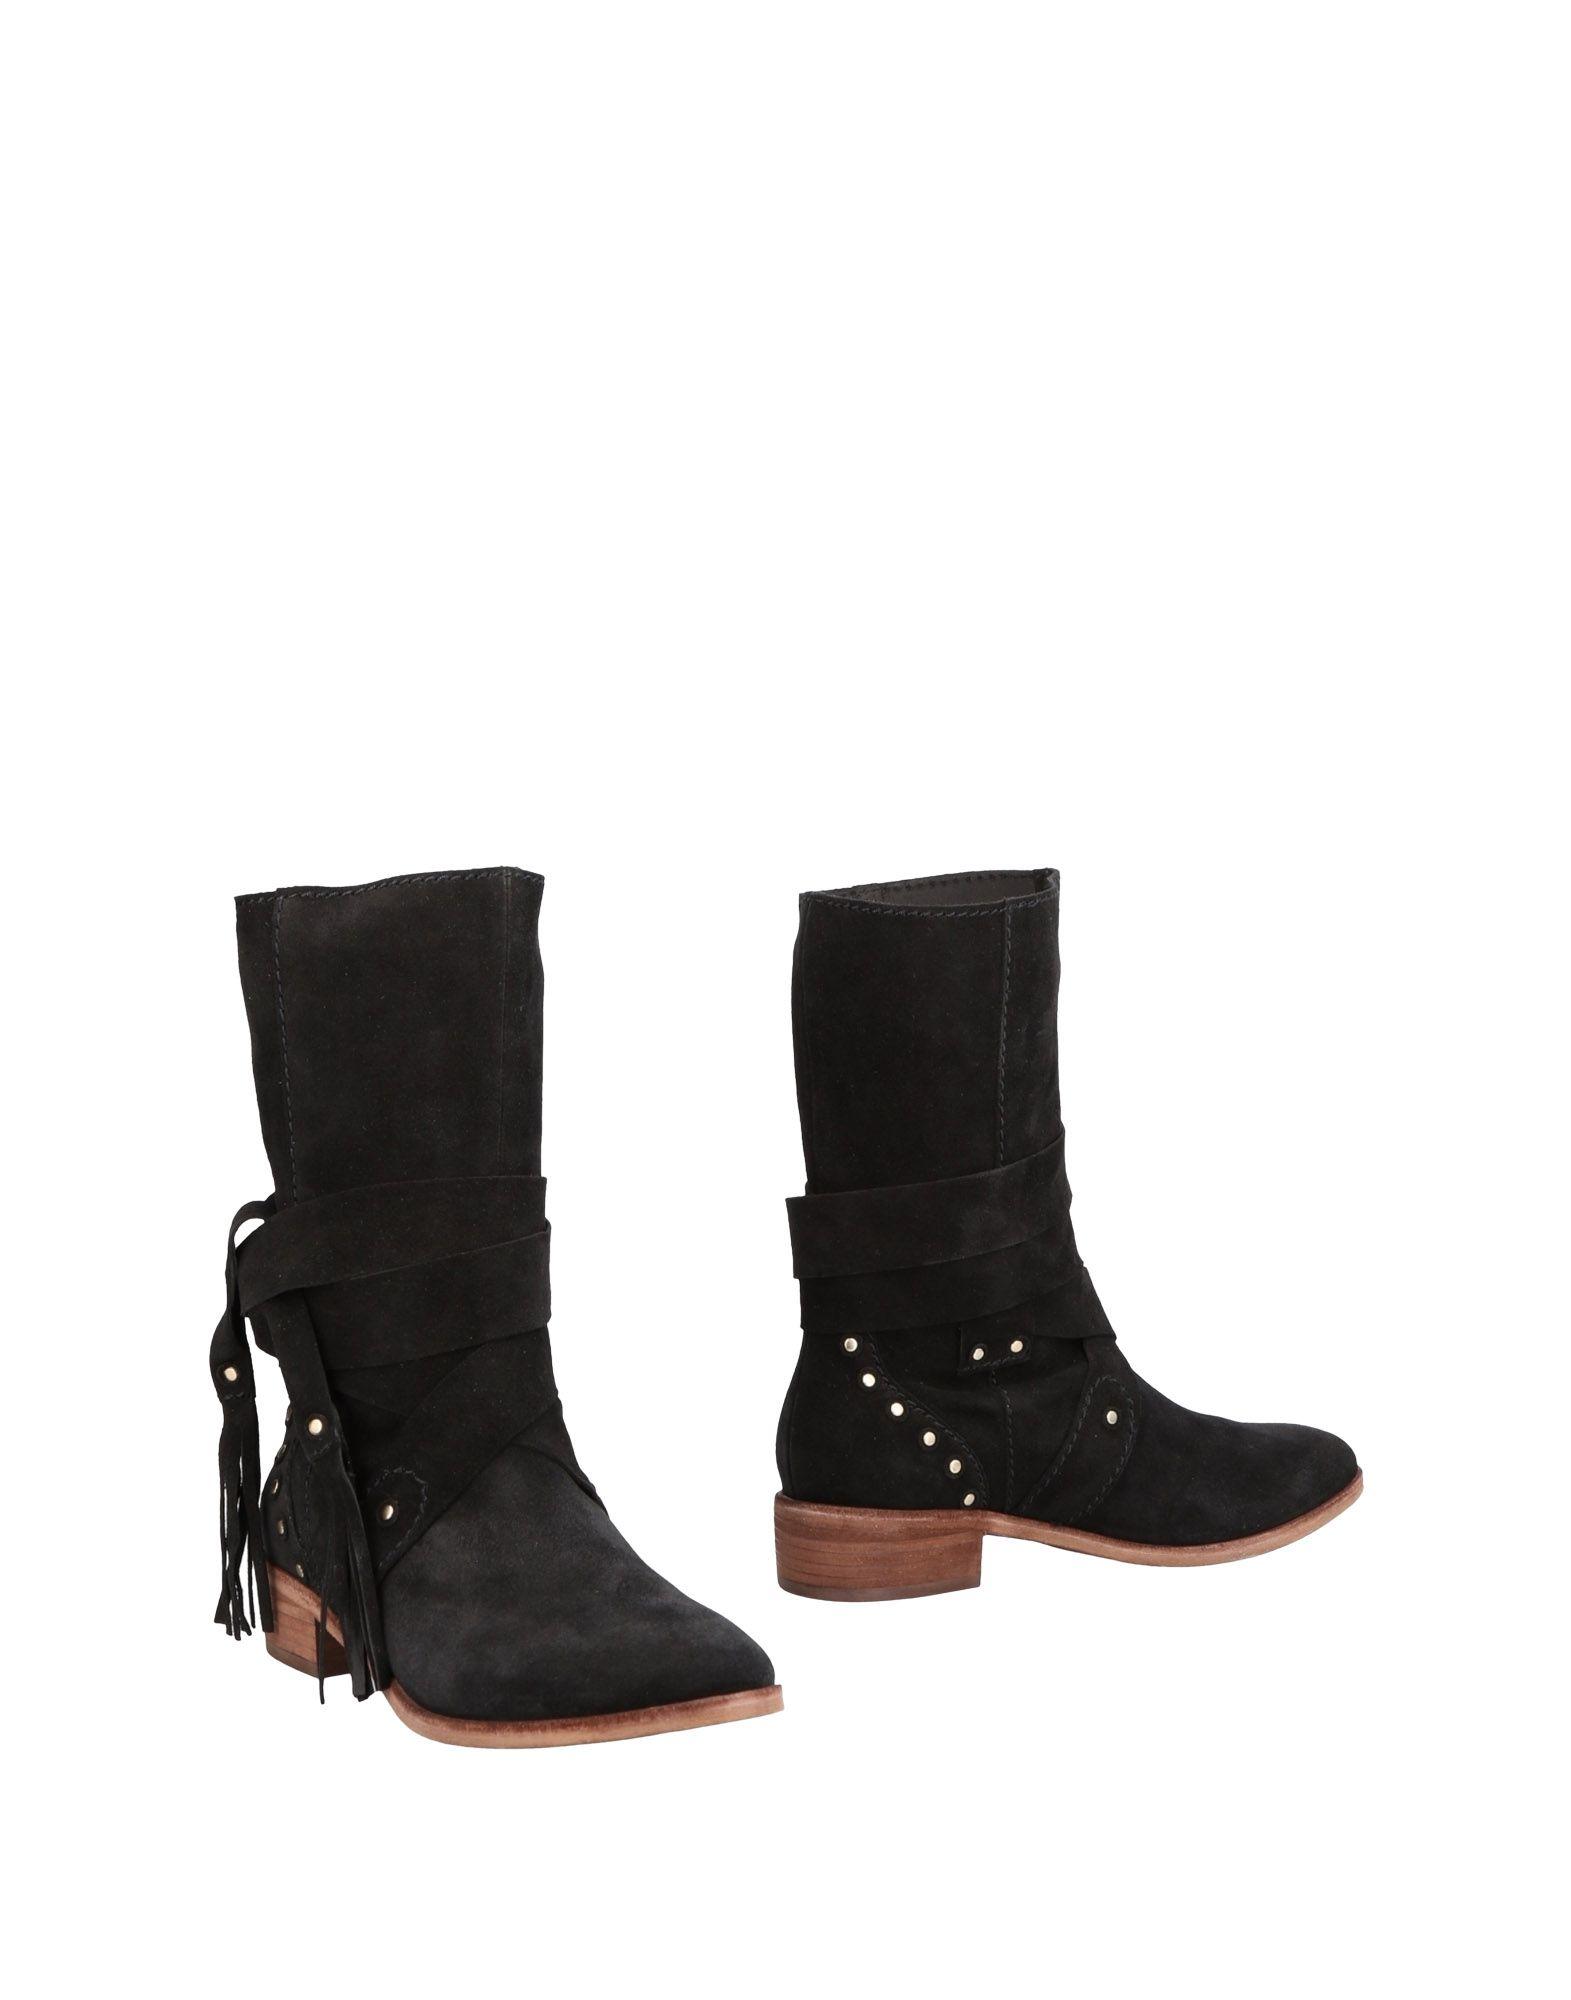 Bottine See By Chloé Femme - Bottines See By Chloé Noir Les chaussures les plus populaires pour les hommes et les femmes